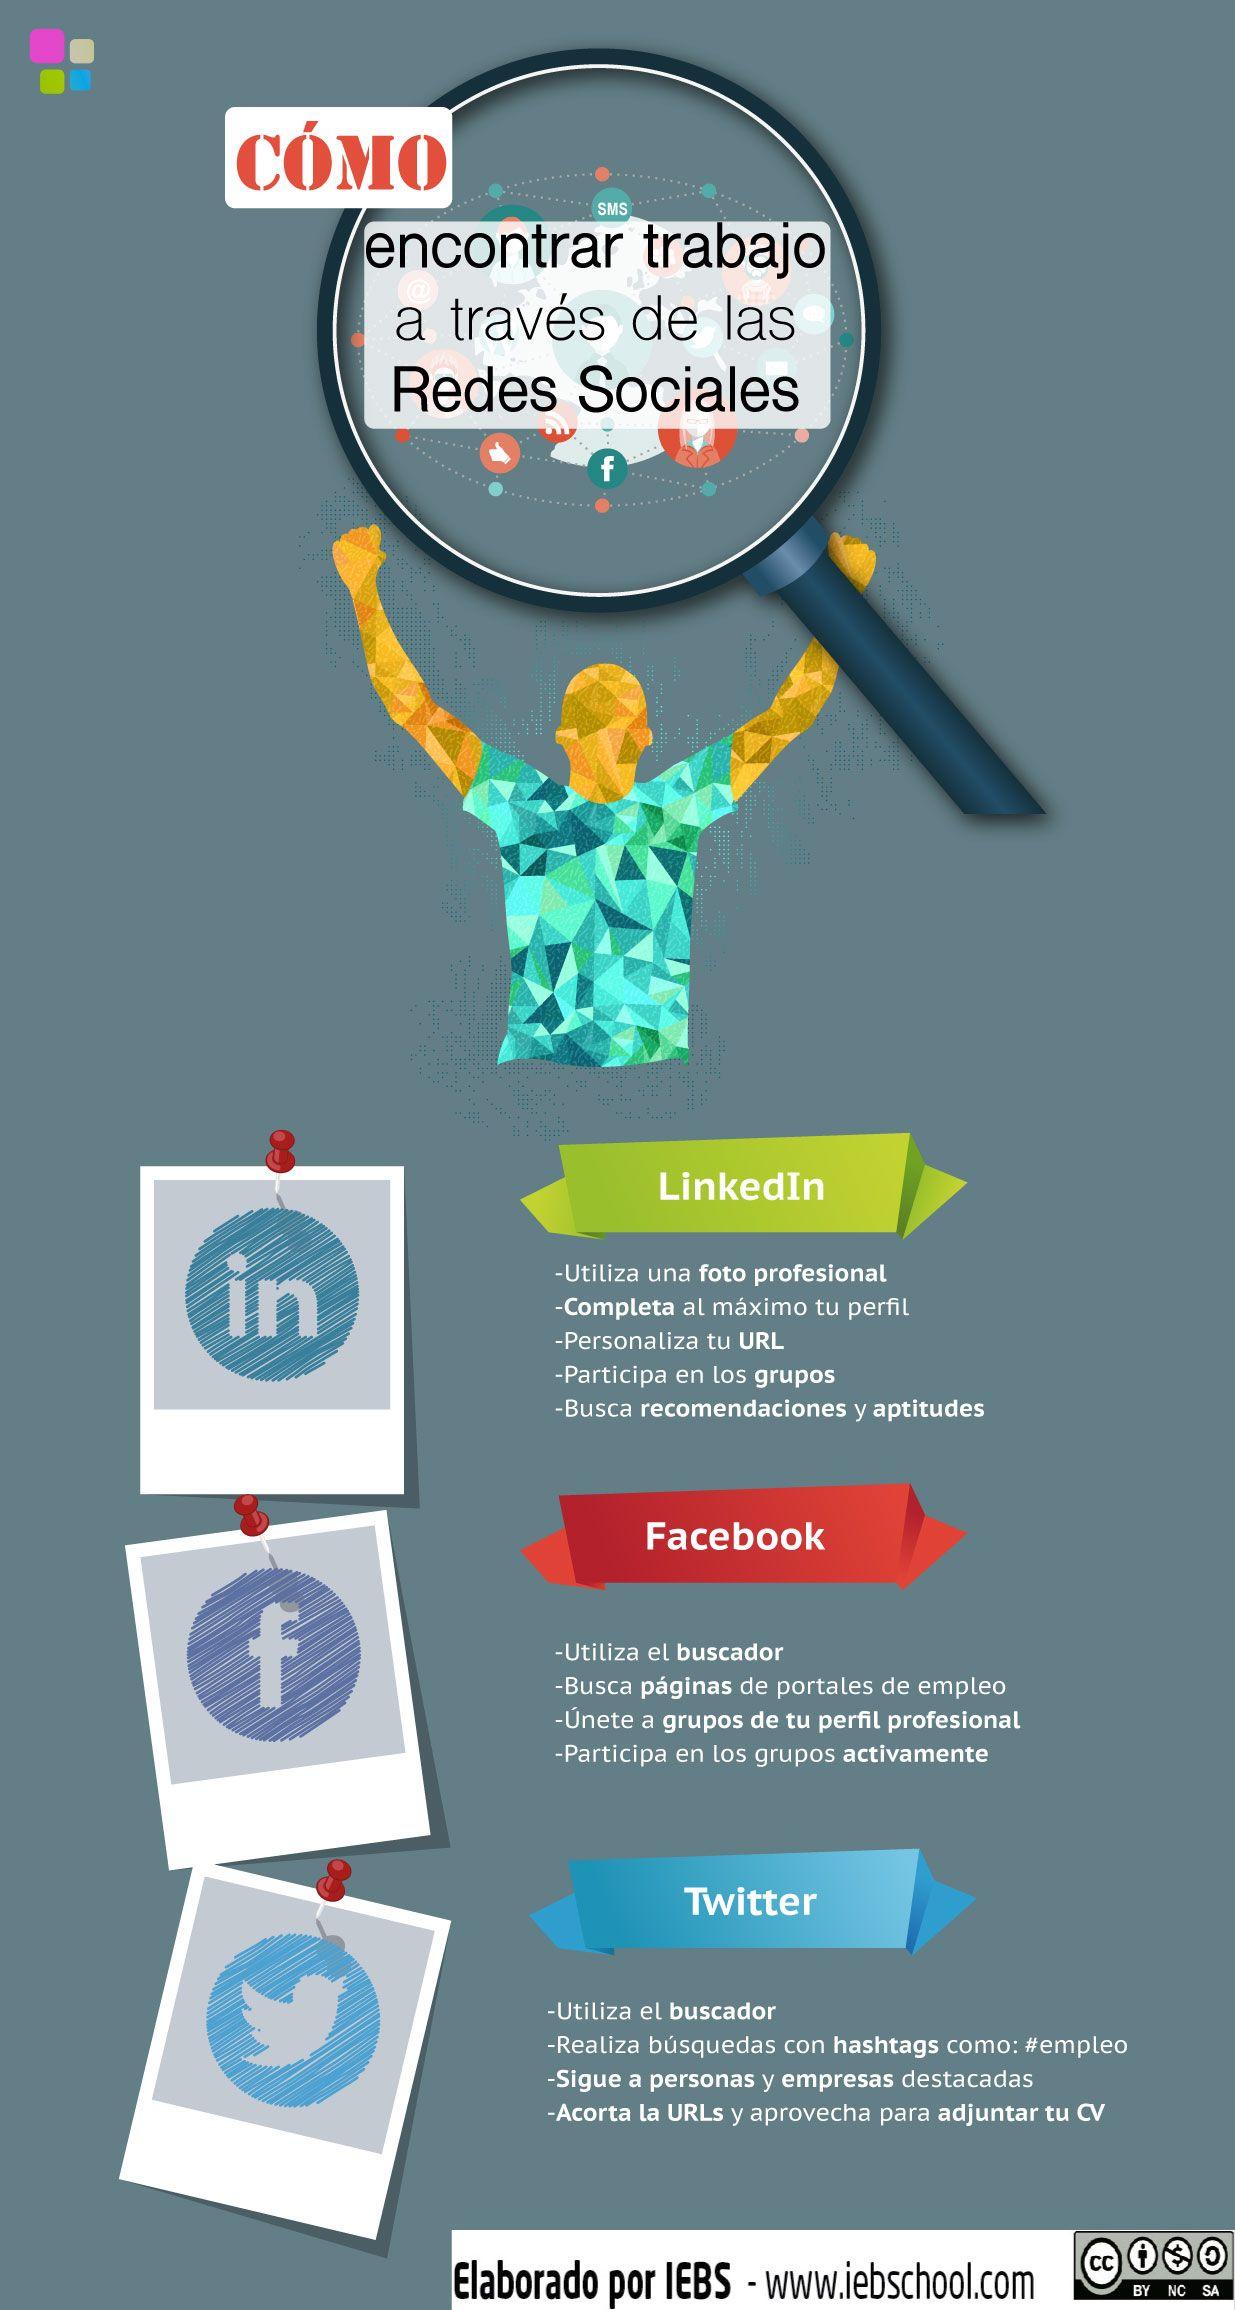 Sinxela Info Sobre Tres Redes Importantes Para Buscar Emprego Brevemente Da Unha Síntese De Como Traba Como Encontrar Trabajo Encontrar Trabajo Redes Sociales